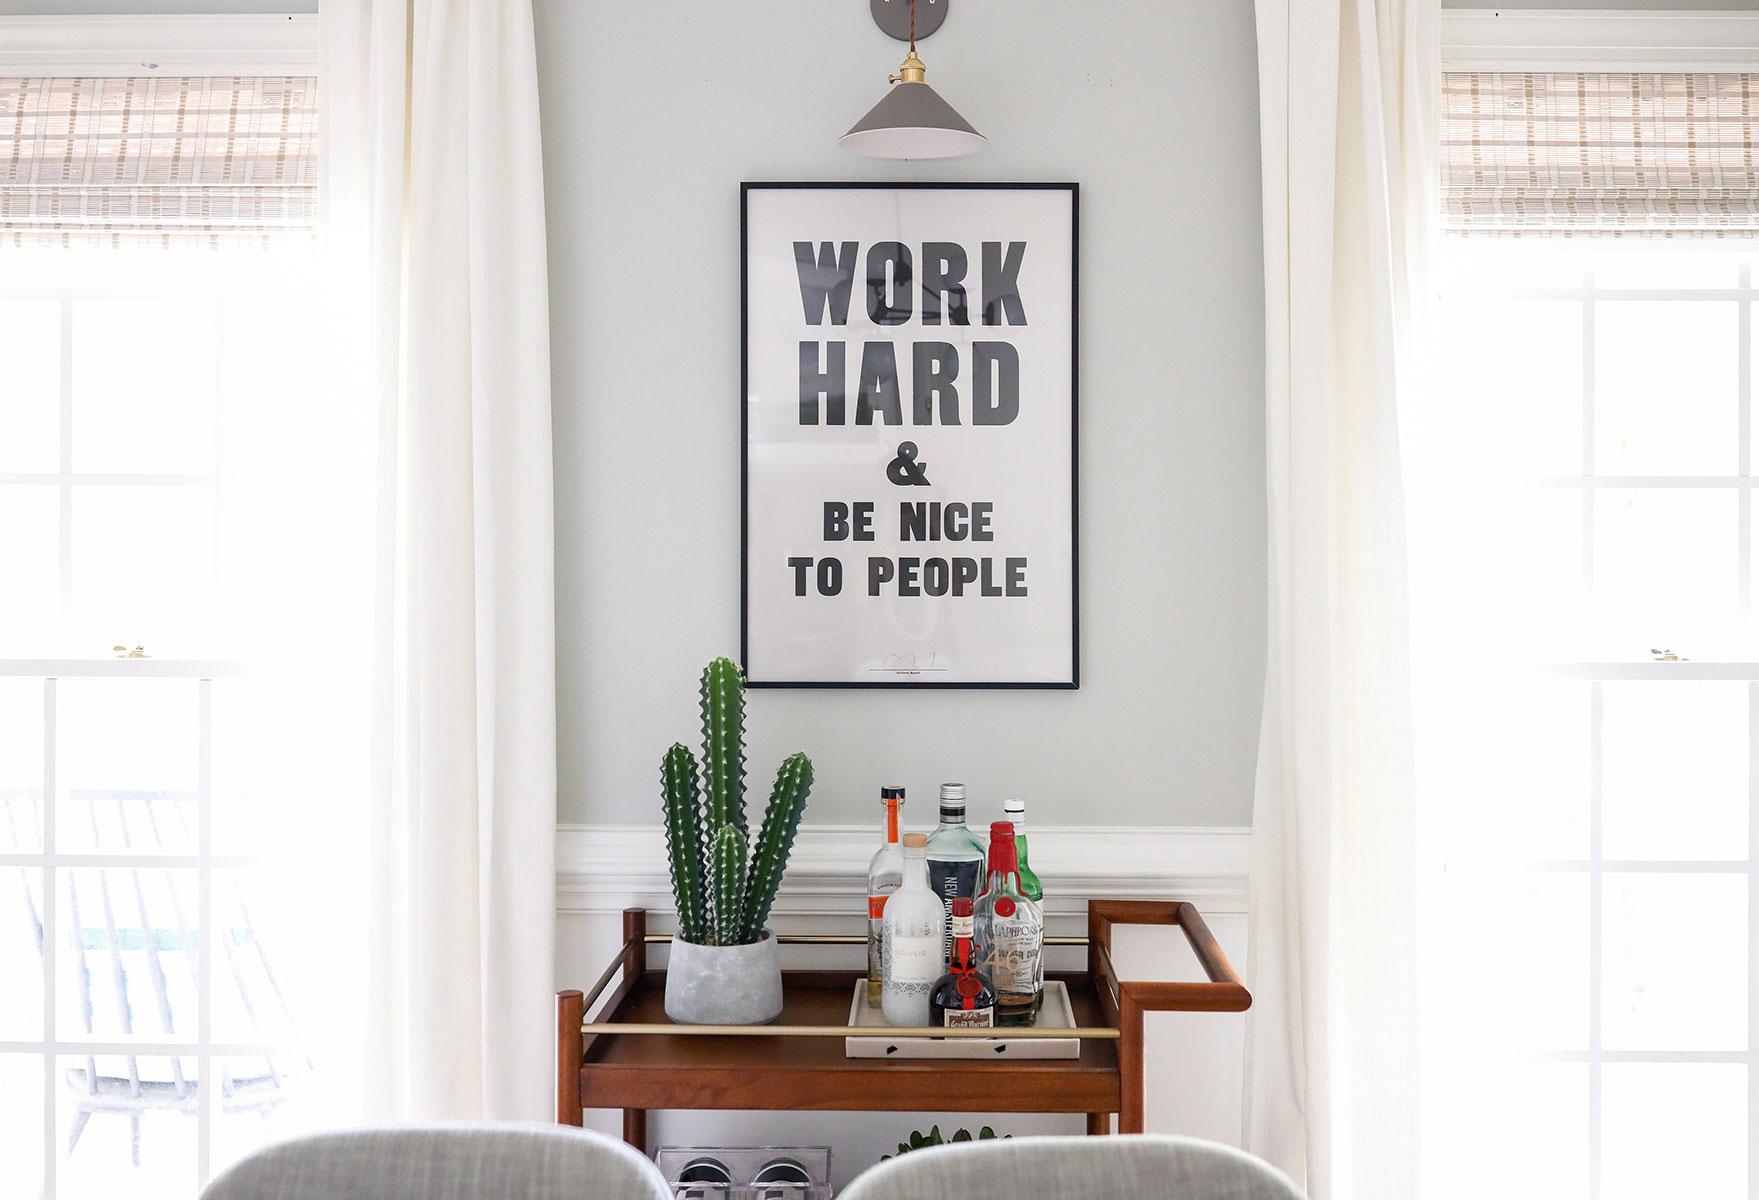 Work Hard Print   /   Cactus   /   Bar Cart   /   Sconce   /   Curtains